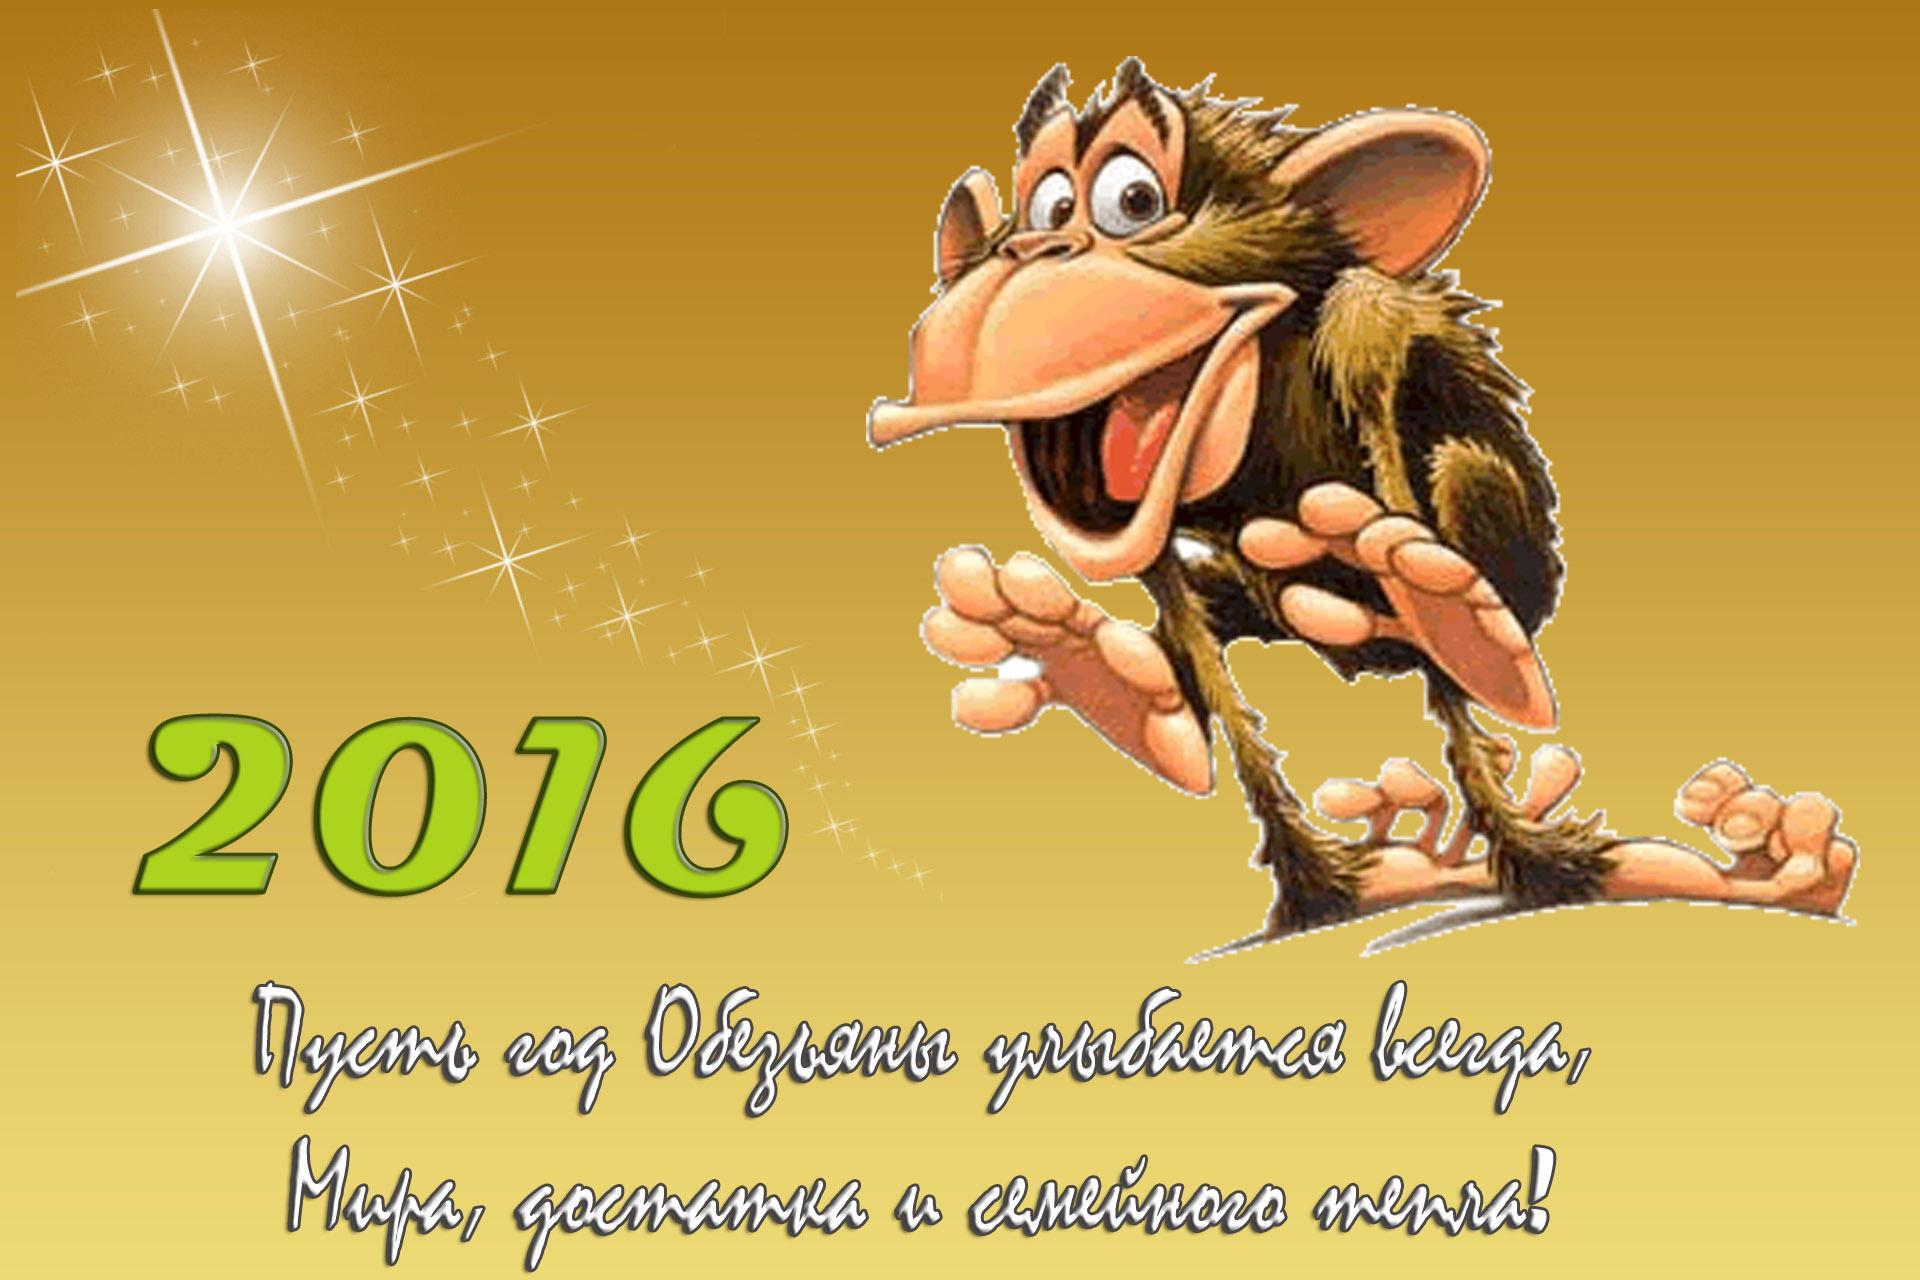 Короткие поздравления с новым годом 2016 годом